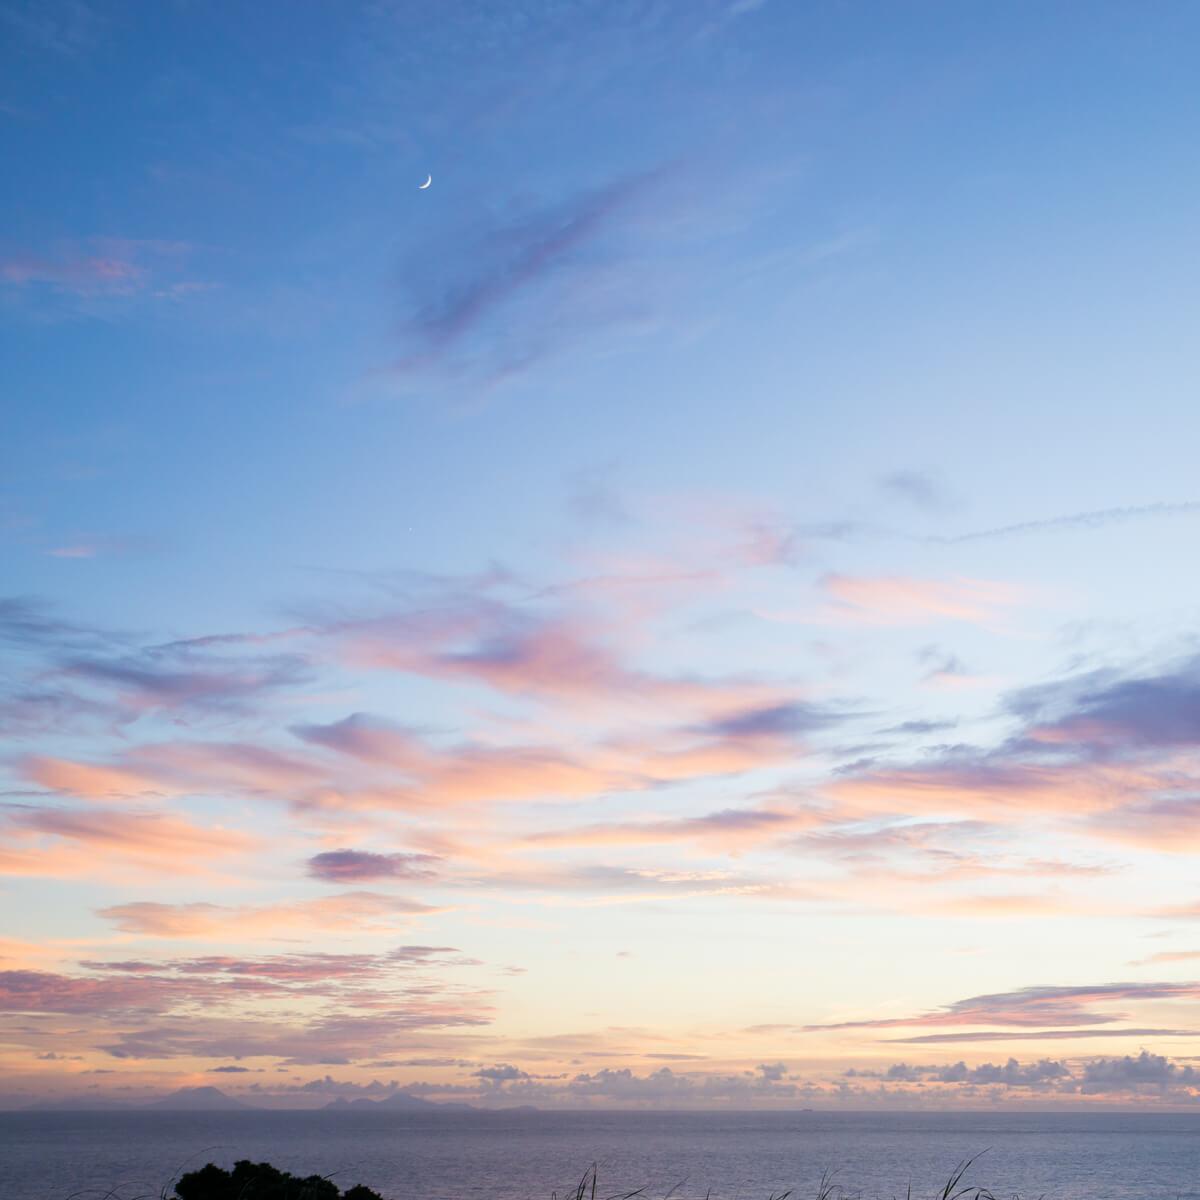 屋久島の海、空月 屋久島海とジュエリー オーダーメイドジュエリーのモチーフ